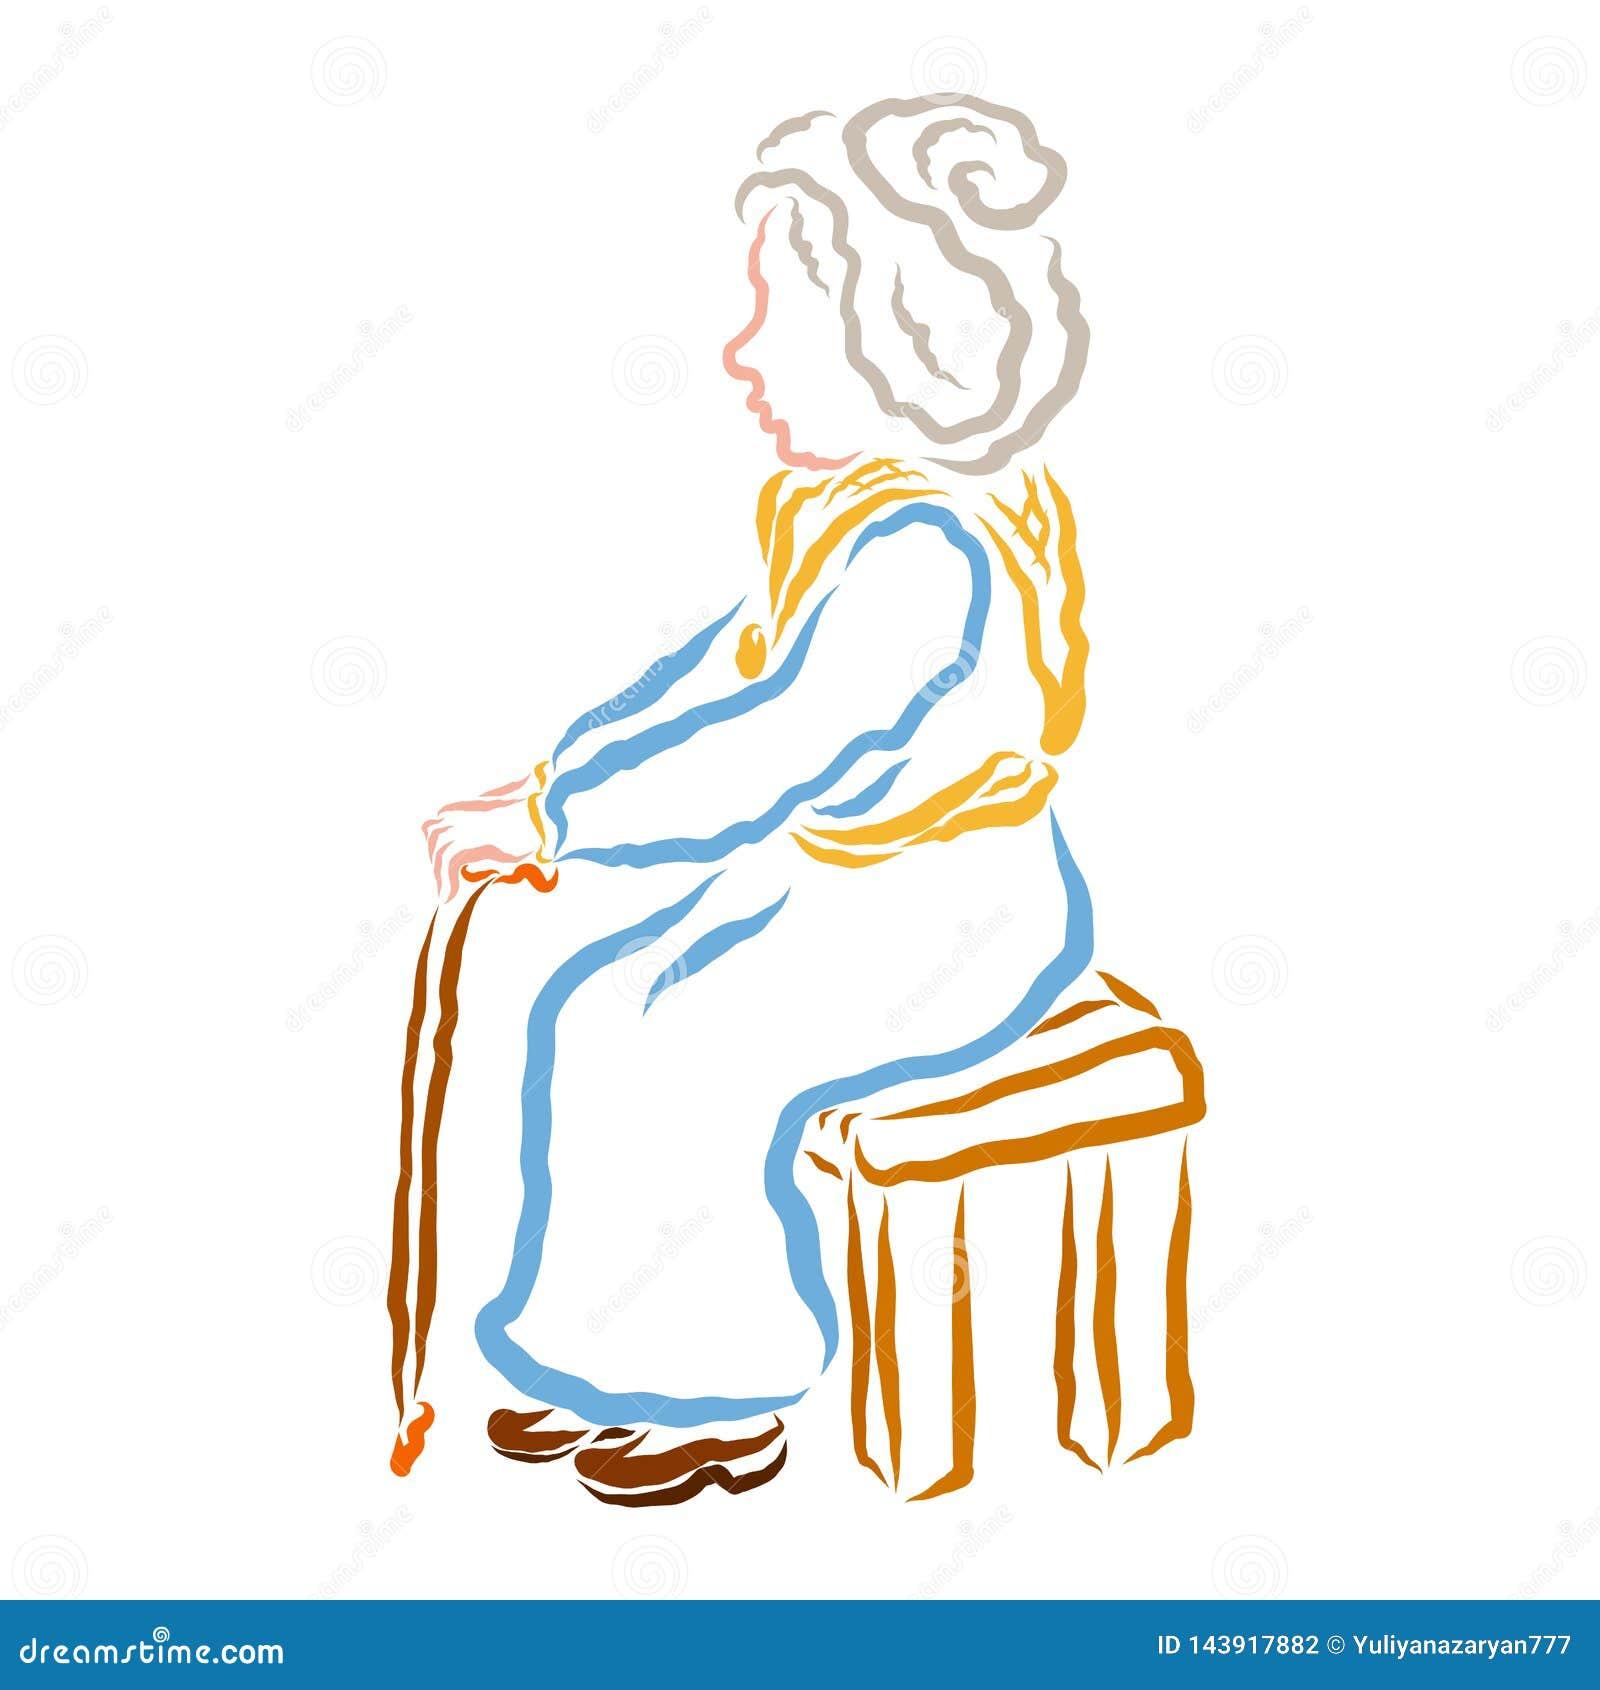 Μια ηλικιωμένη γυναίκα με μια συνεδρίαση ραβδιών δεκανικιών ή περπατήματος σε έναν πάγκο ή μια καρέκλα